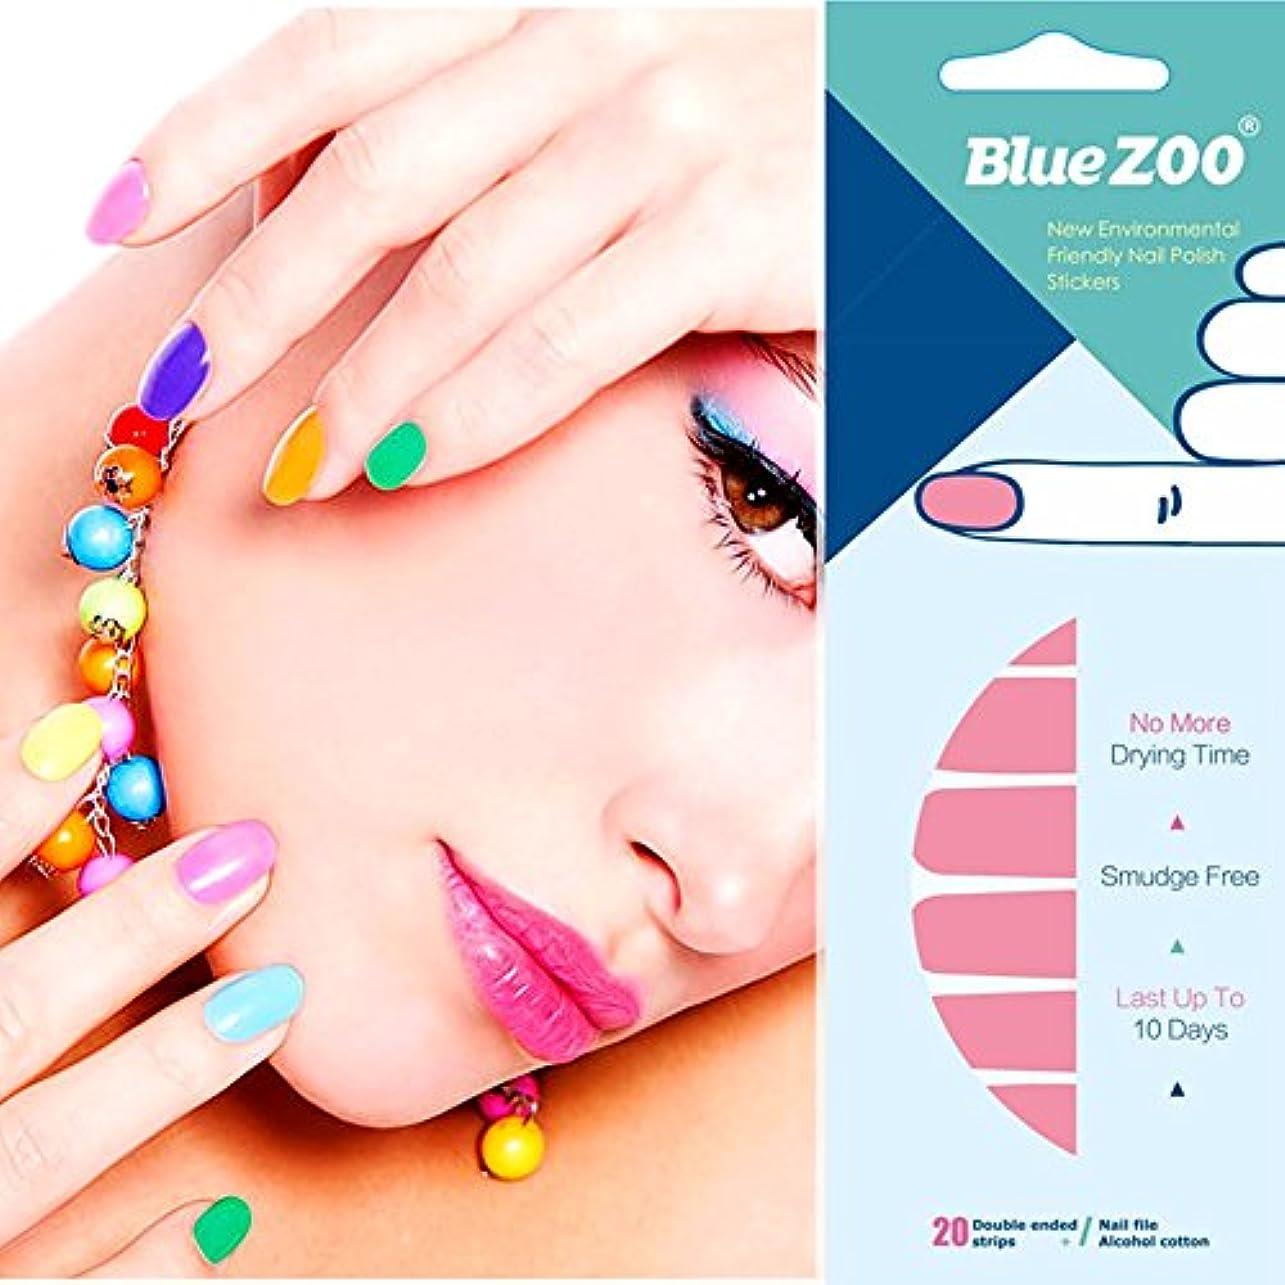 スポンサーめったに有効BlueZOO (ブルーズー) ネイル シール ステッカー 高品質の 純色の ネイル ペースト 20個/枚 貼るだけマニキュア